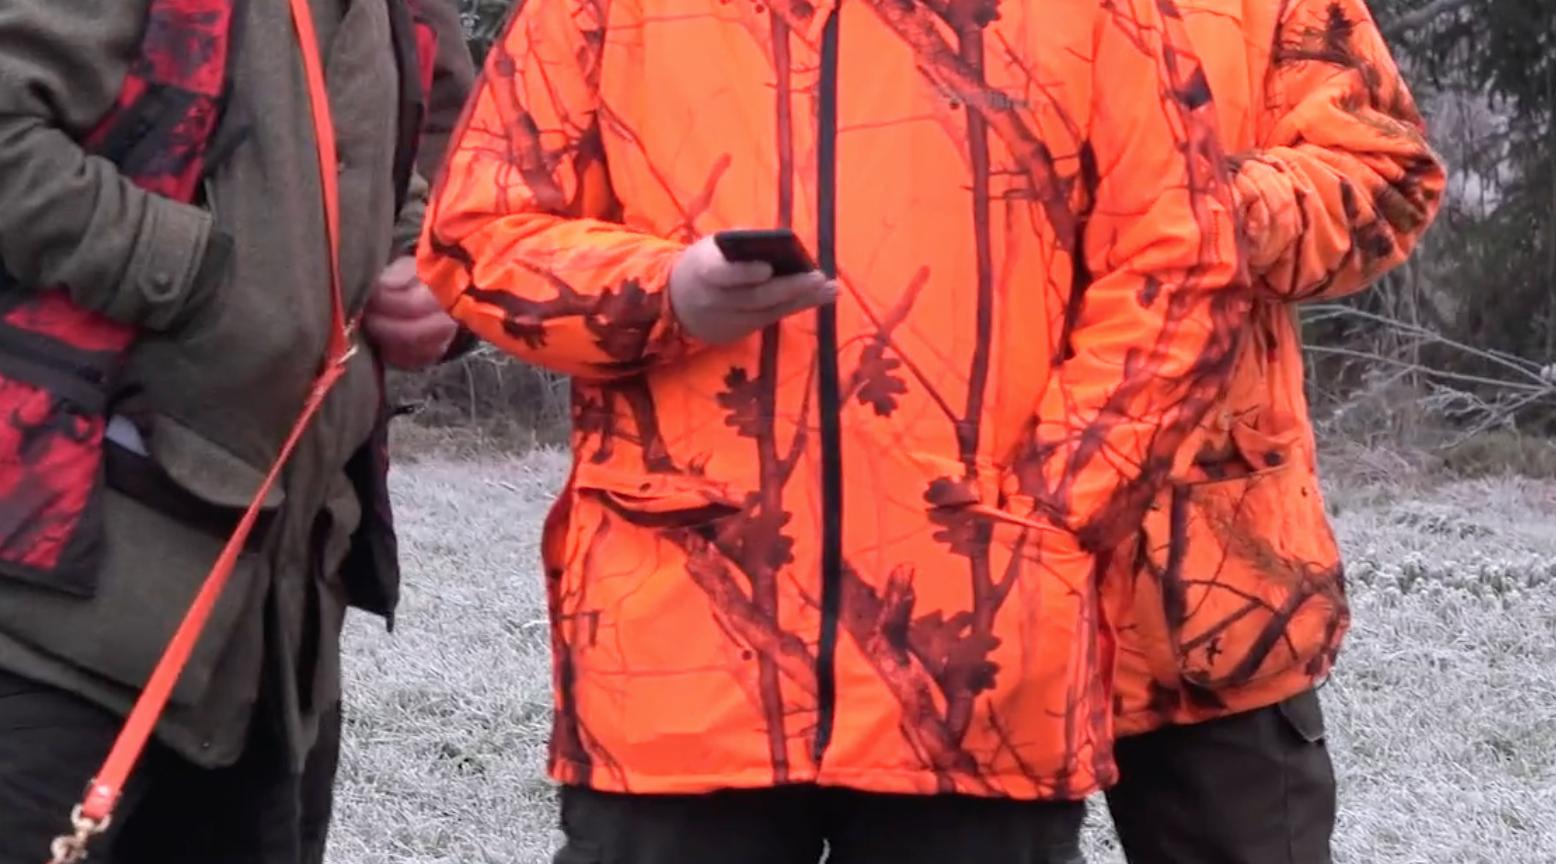 Gerd. G. v. Harling hat in seinem Jägerleben so einiges erlebt. Aber Handy und Jagd ist für ihn immer wieder ein Reizpunkt. Warum, das erklärt er euch hier.